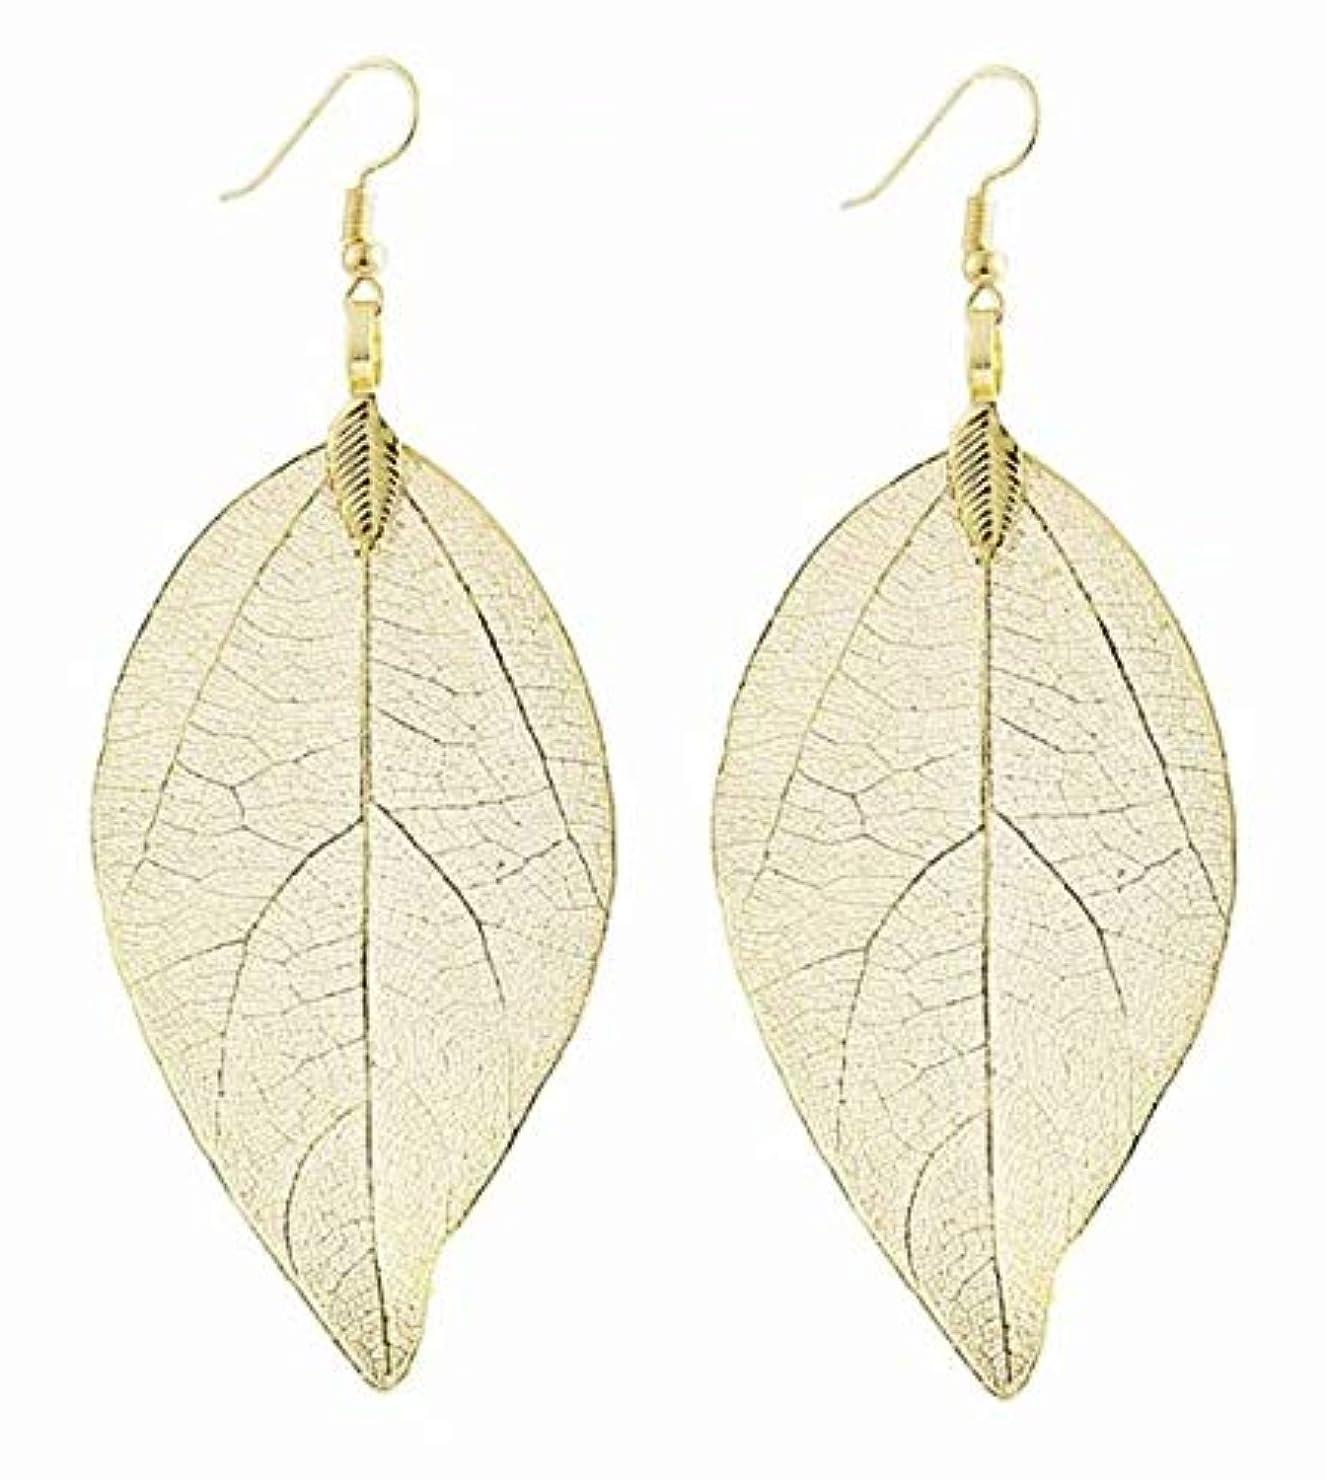 巻き取りマーベルしなやか七里の香 プレミアム品質の女性ボヘミアンアウト葉の形のイヤリングロングペンダントドロップシック